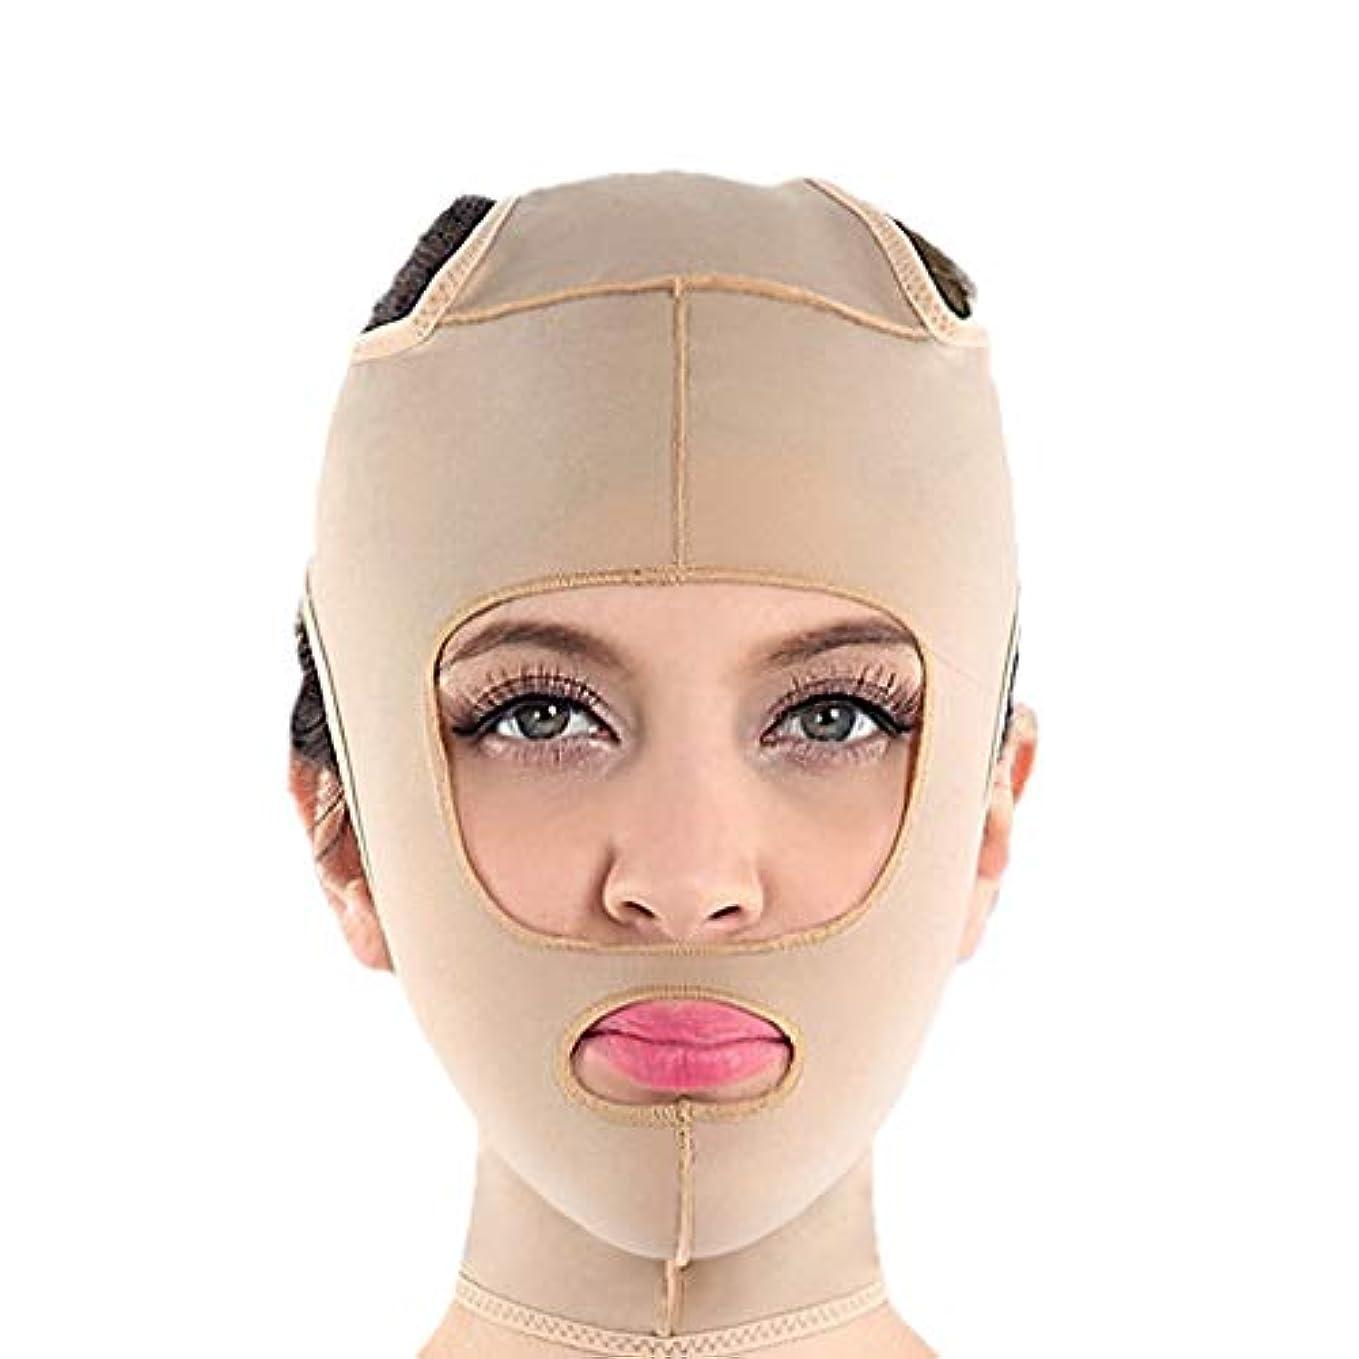 句読点誰が不規則性フェイスリフティング、ダブルチンストラップ、フェイシャル減量マスク、ダブルチンを減らすリフティングヌードル、ファーミングフェイス、パワフルリフティングマスク (Size : S)